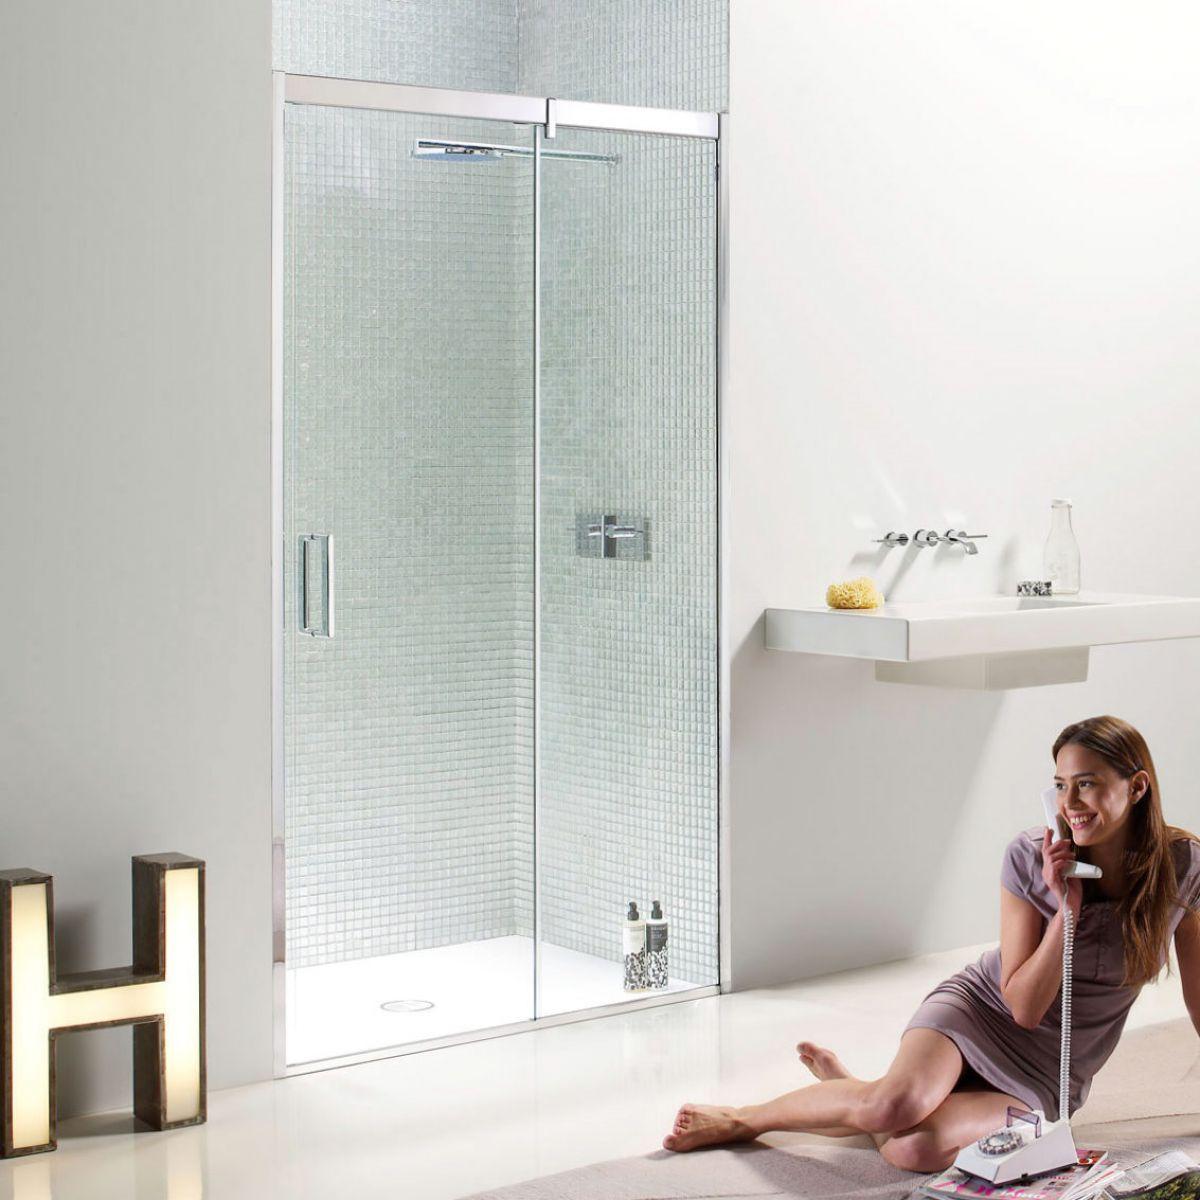 Recess Shower Door - womenofpower.info